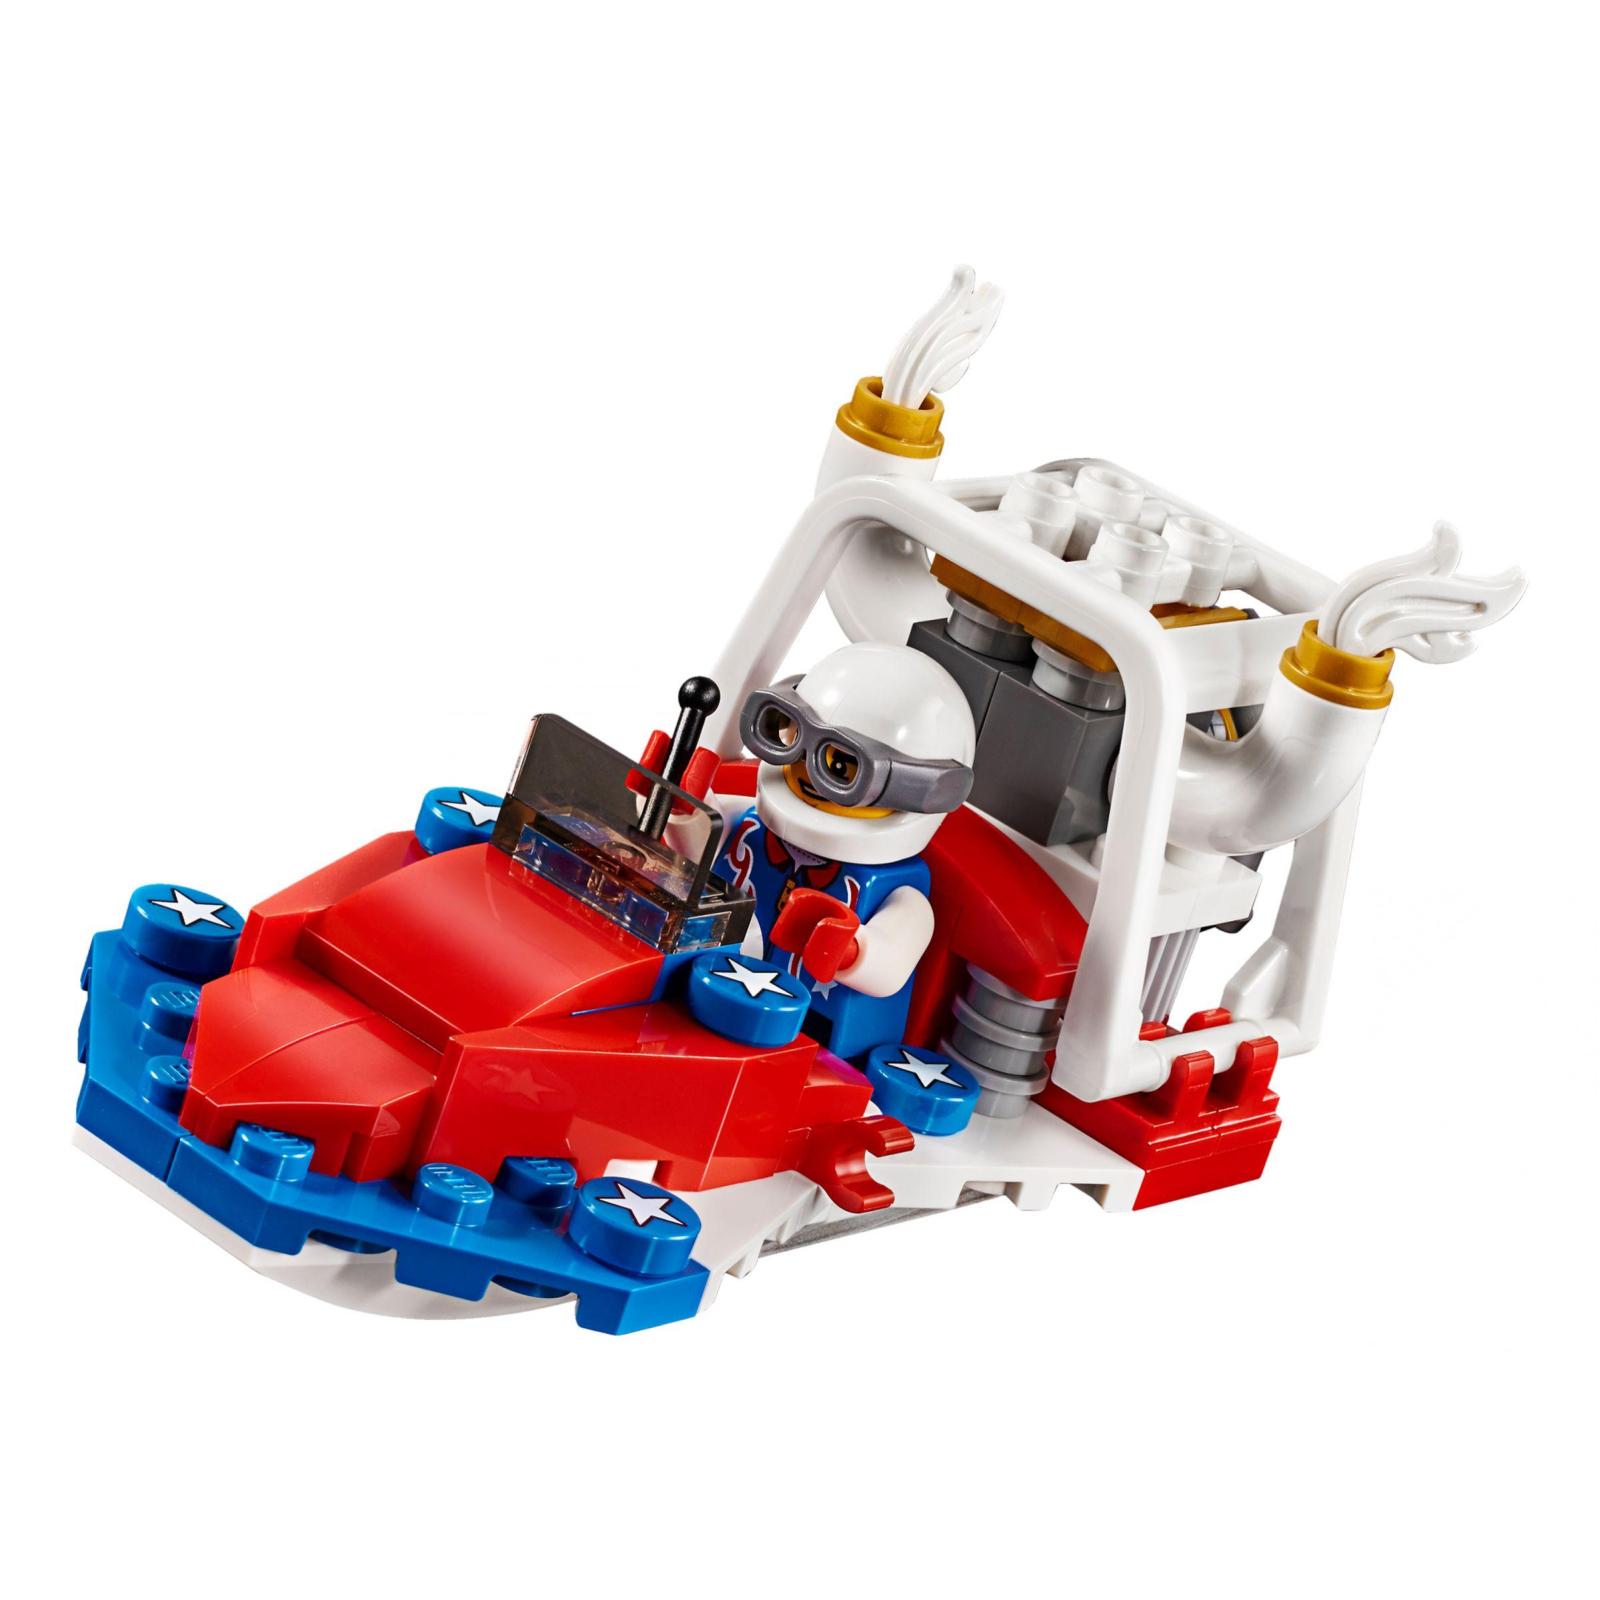 Конструктор LEGO Creator Бесстрашный самолет высшего пилотажа (31076) изображение 5